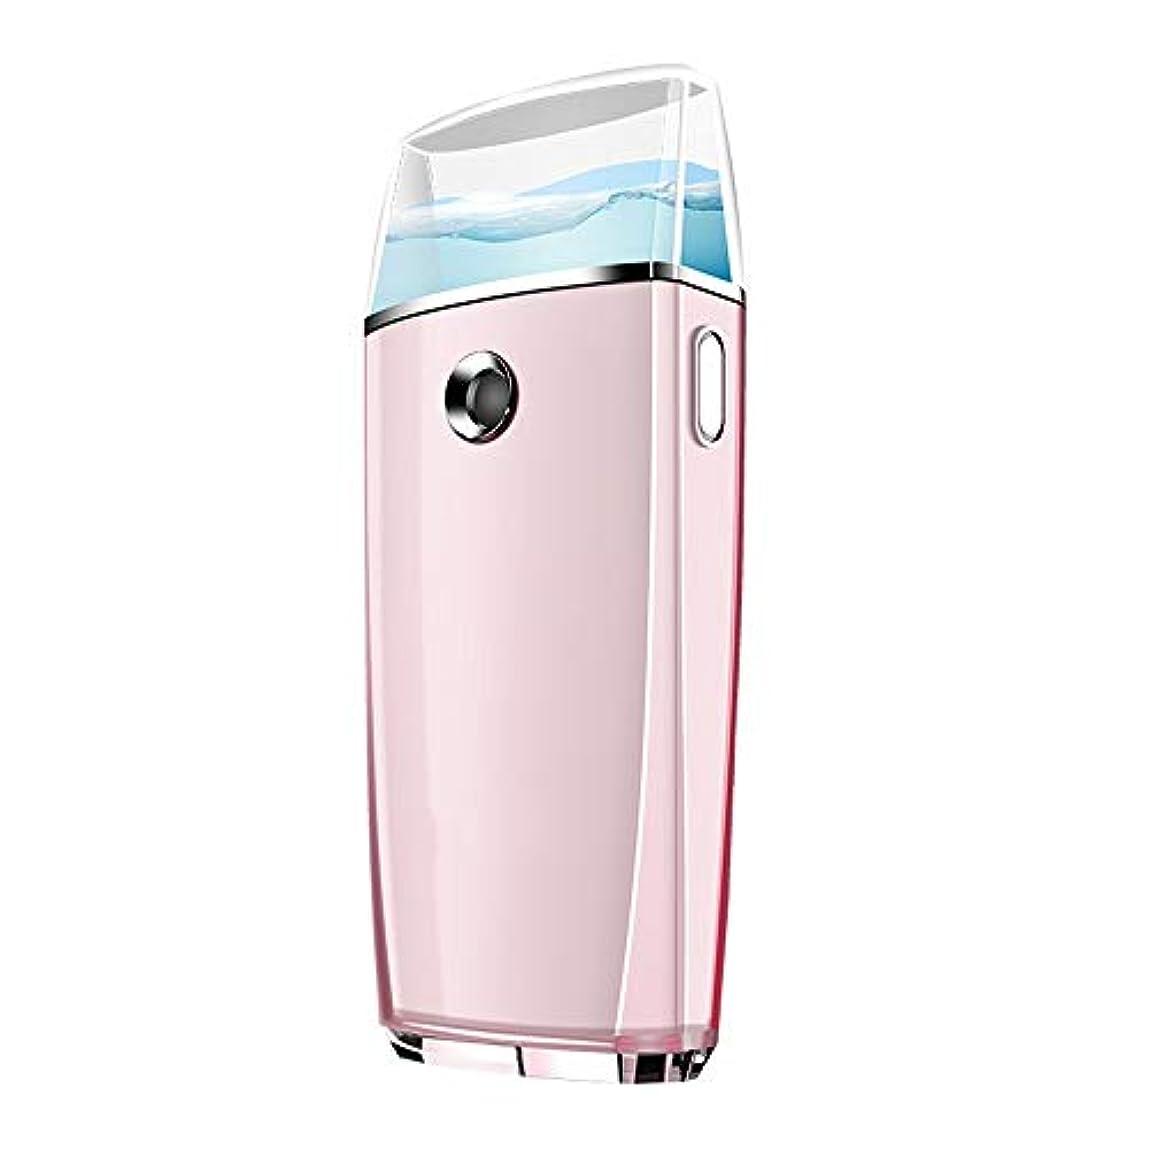 歩行者損失目覚めるZXF ナノスプレー水道メーターポータブル顔美容機器充電表面コールドスプレー機スプレー2ピンクモデルグリーンモデル 滑らかである (色 : Pink)